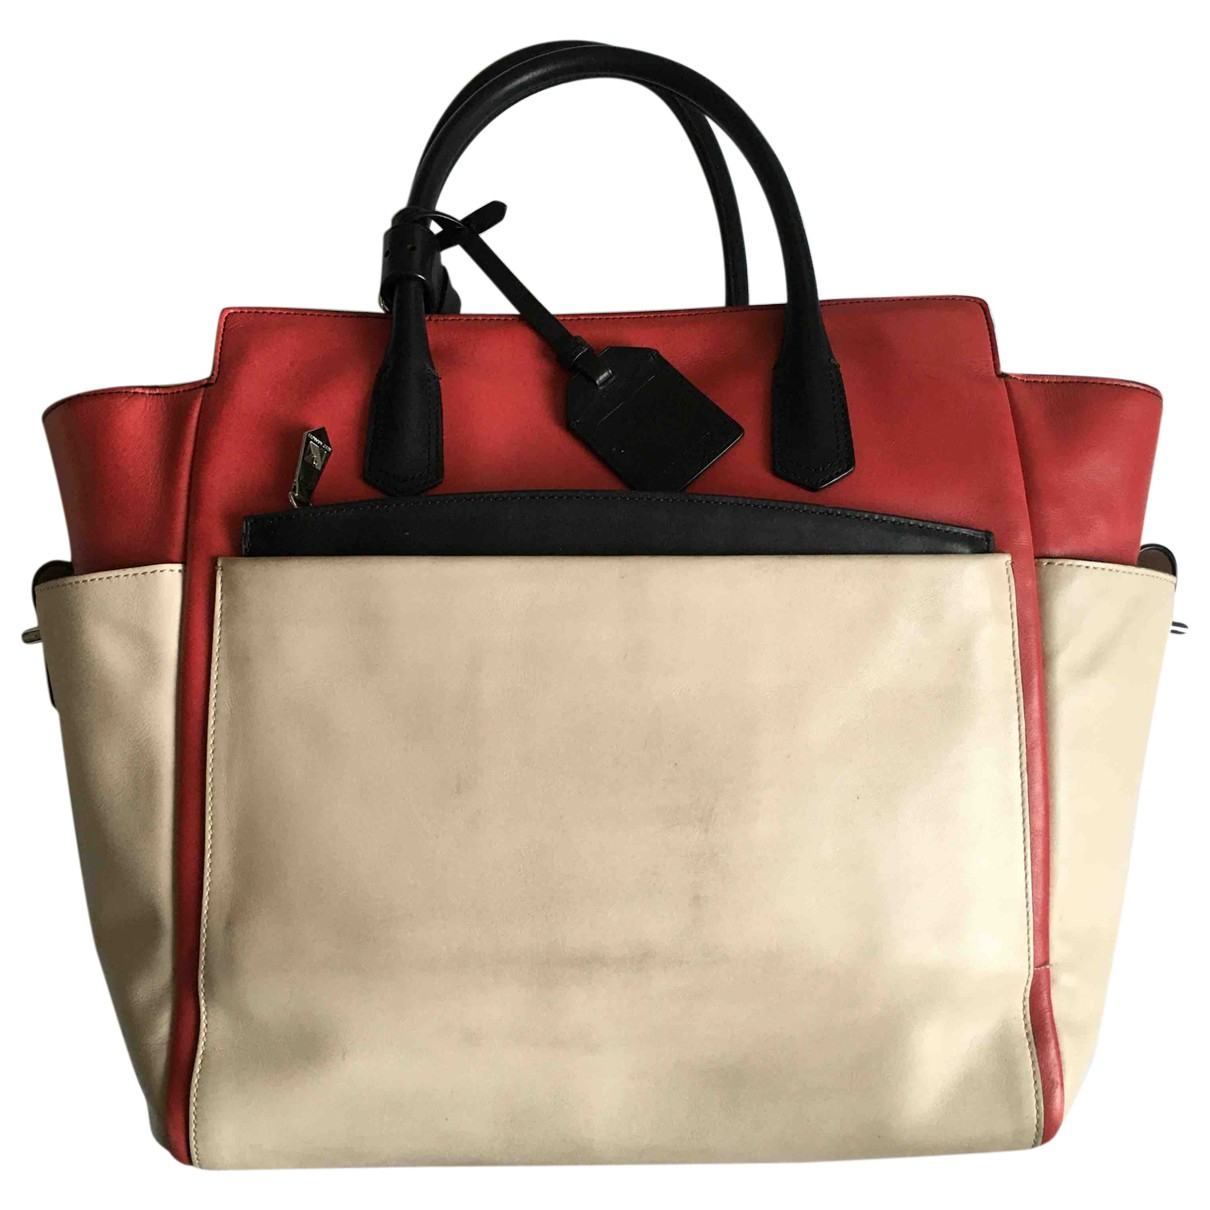 Reed Krakoff \N Handtasche in  Bunt Leder